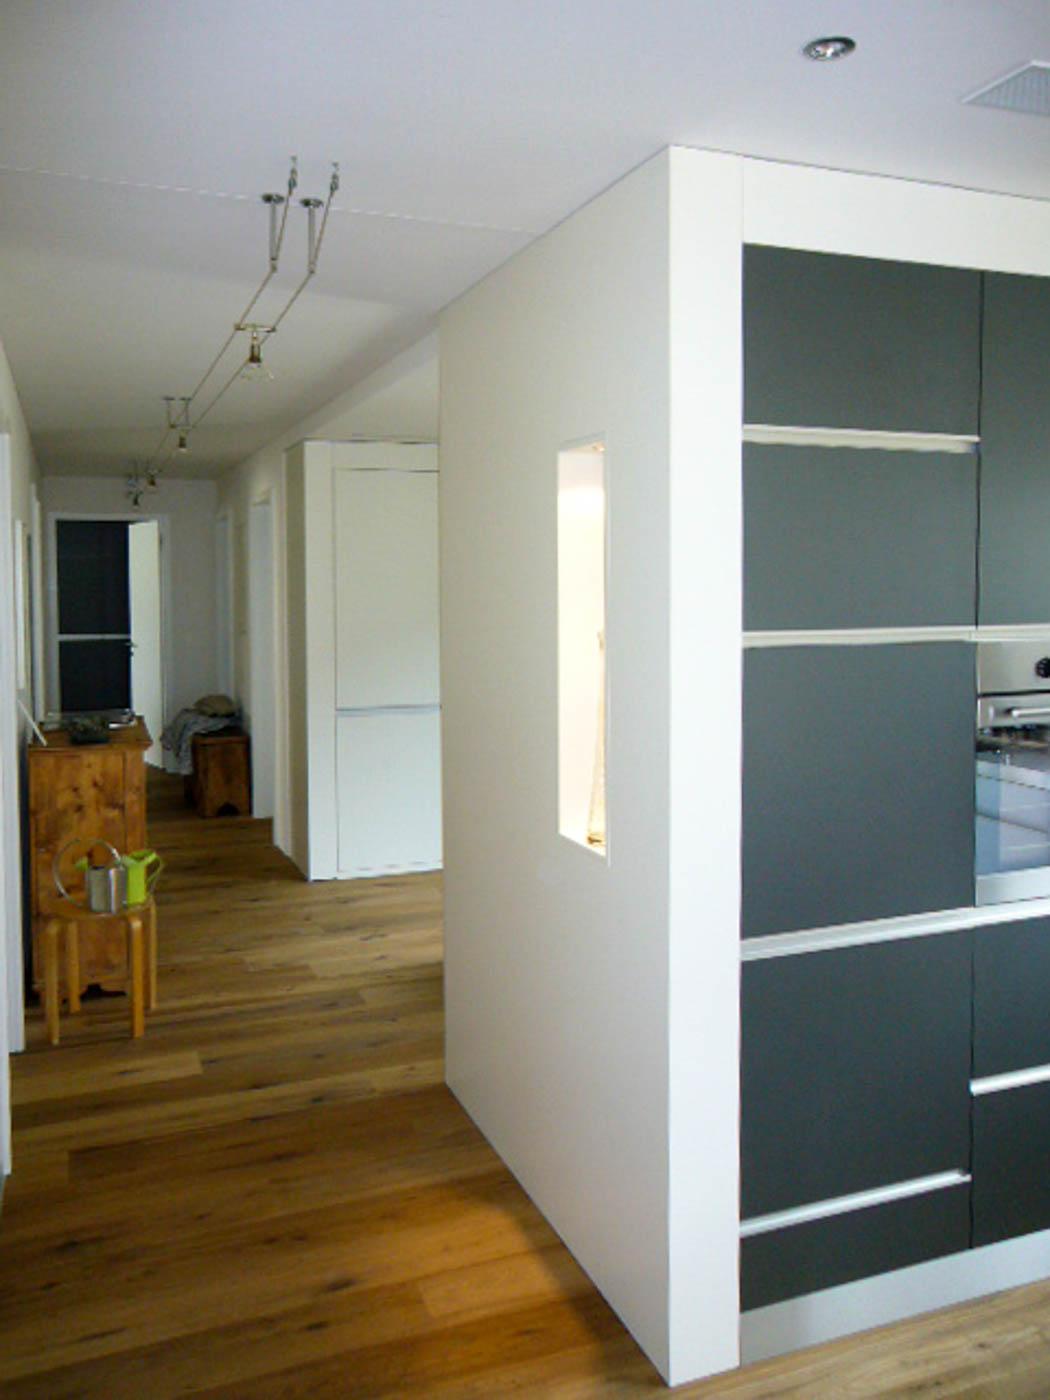 Schreinerei imboden wir gestalten wohnraum for Einbaukuche grau